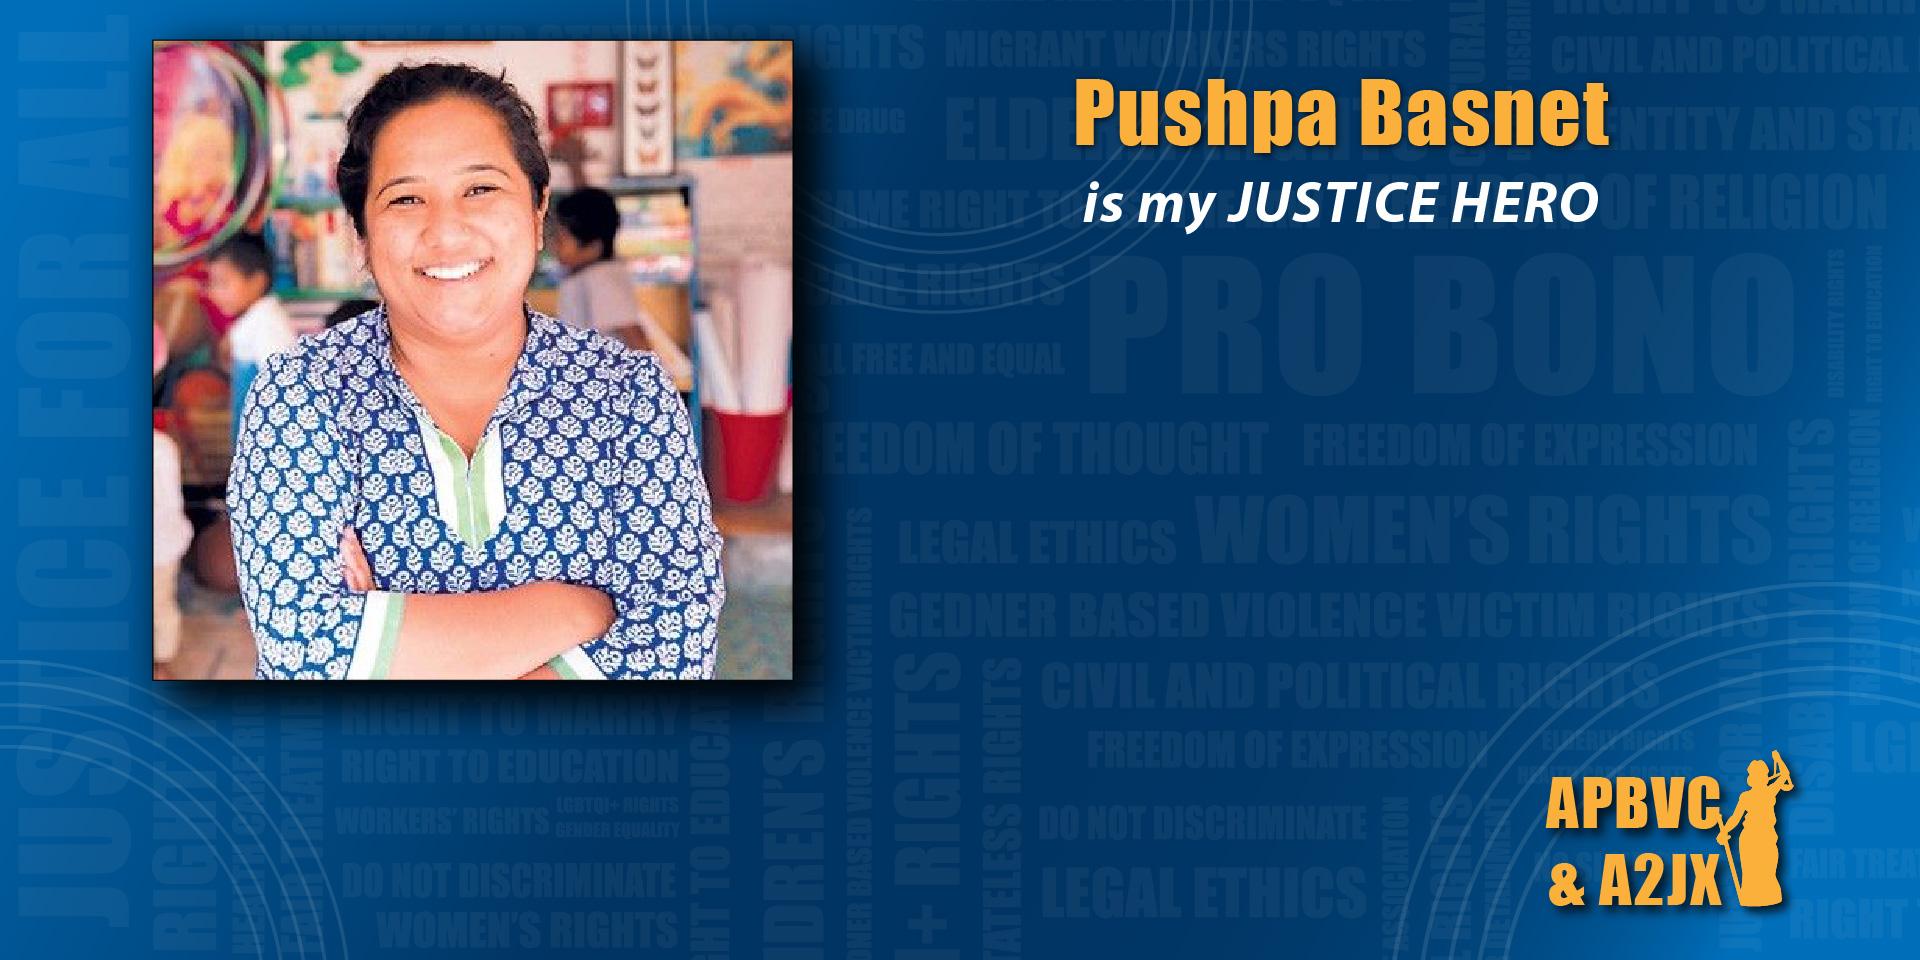 Pushpa Basnet